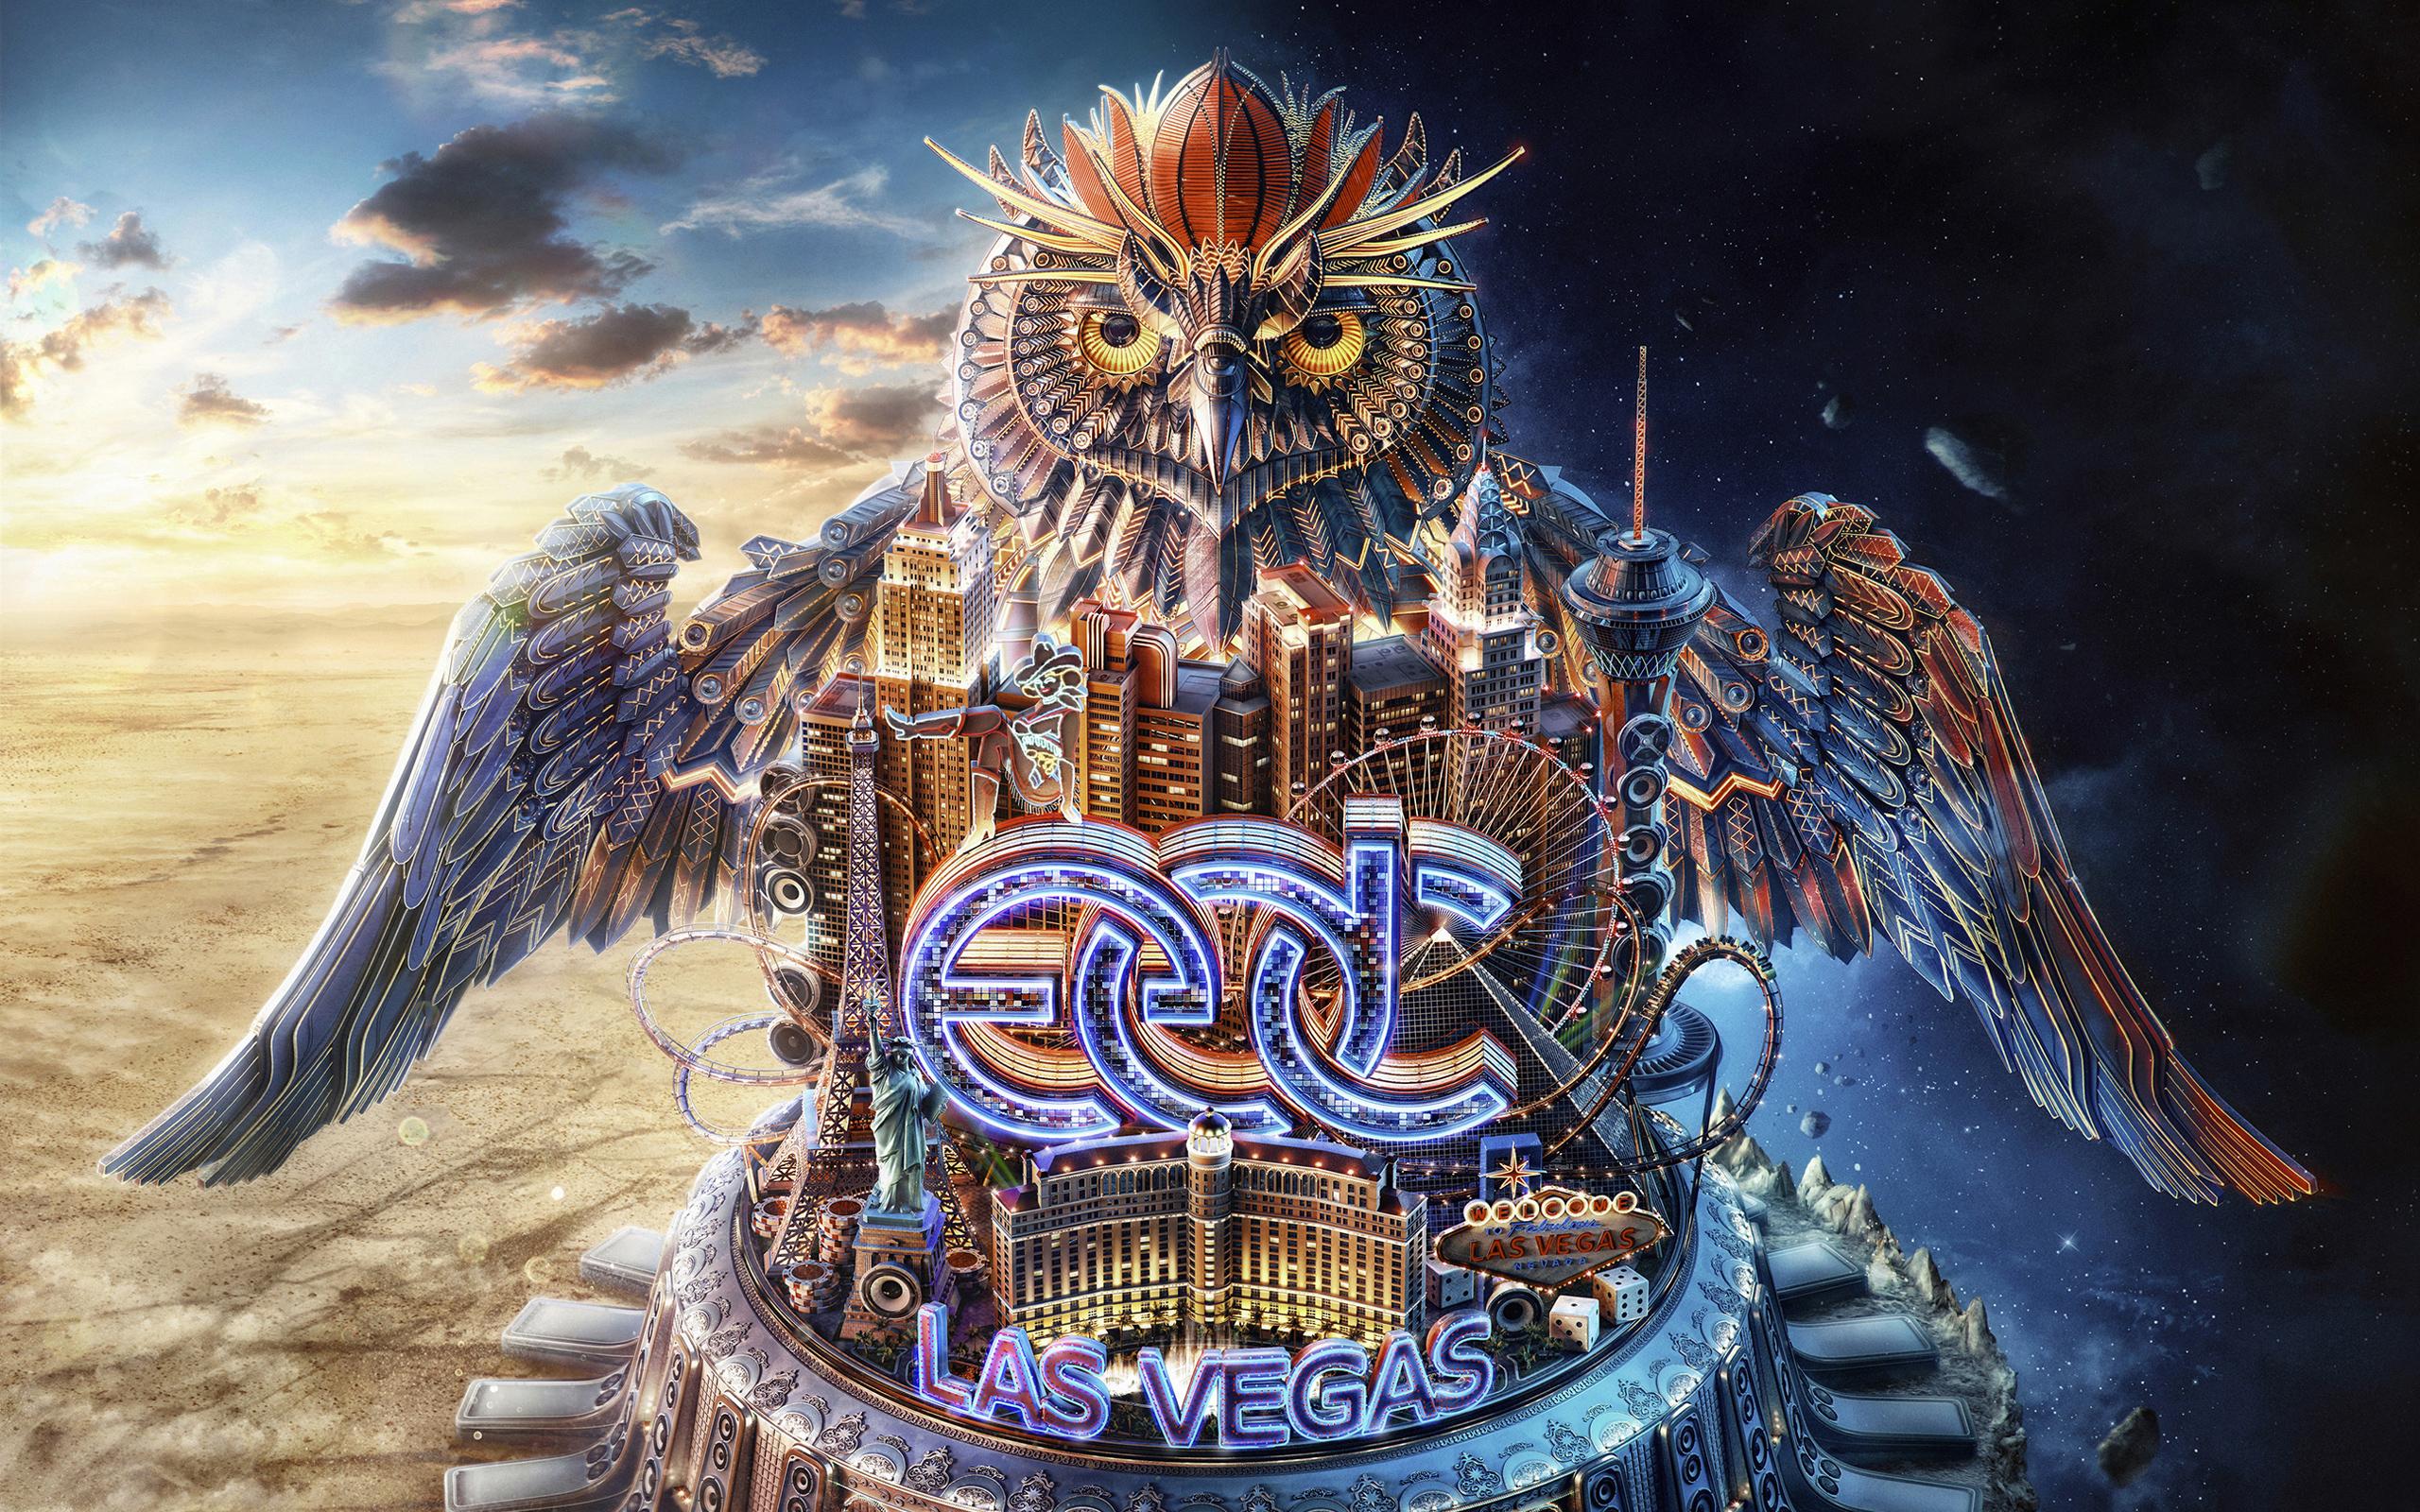 Лас-Вегас электрический Дейзи карнавал обои скачать